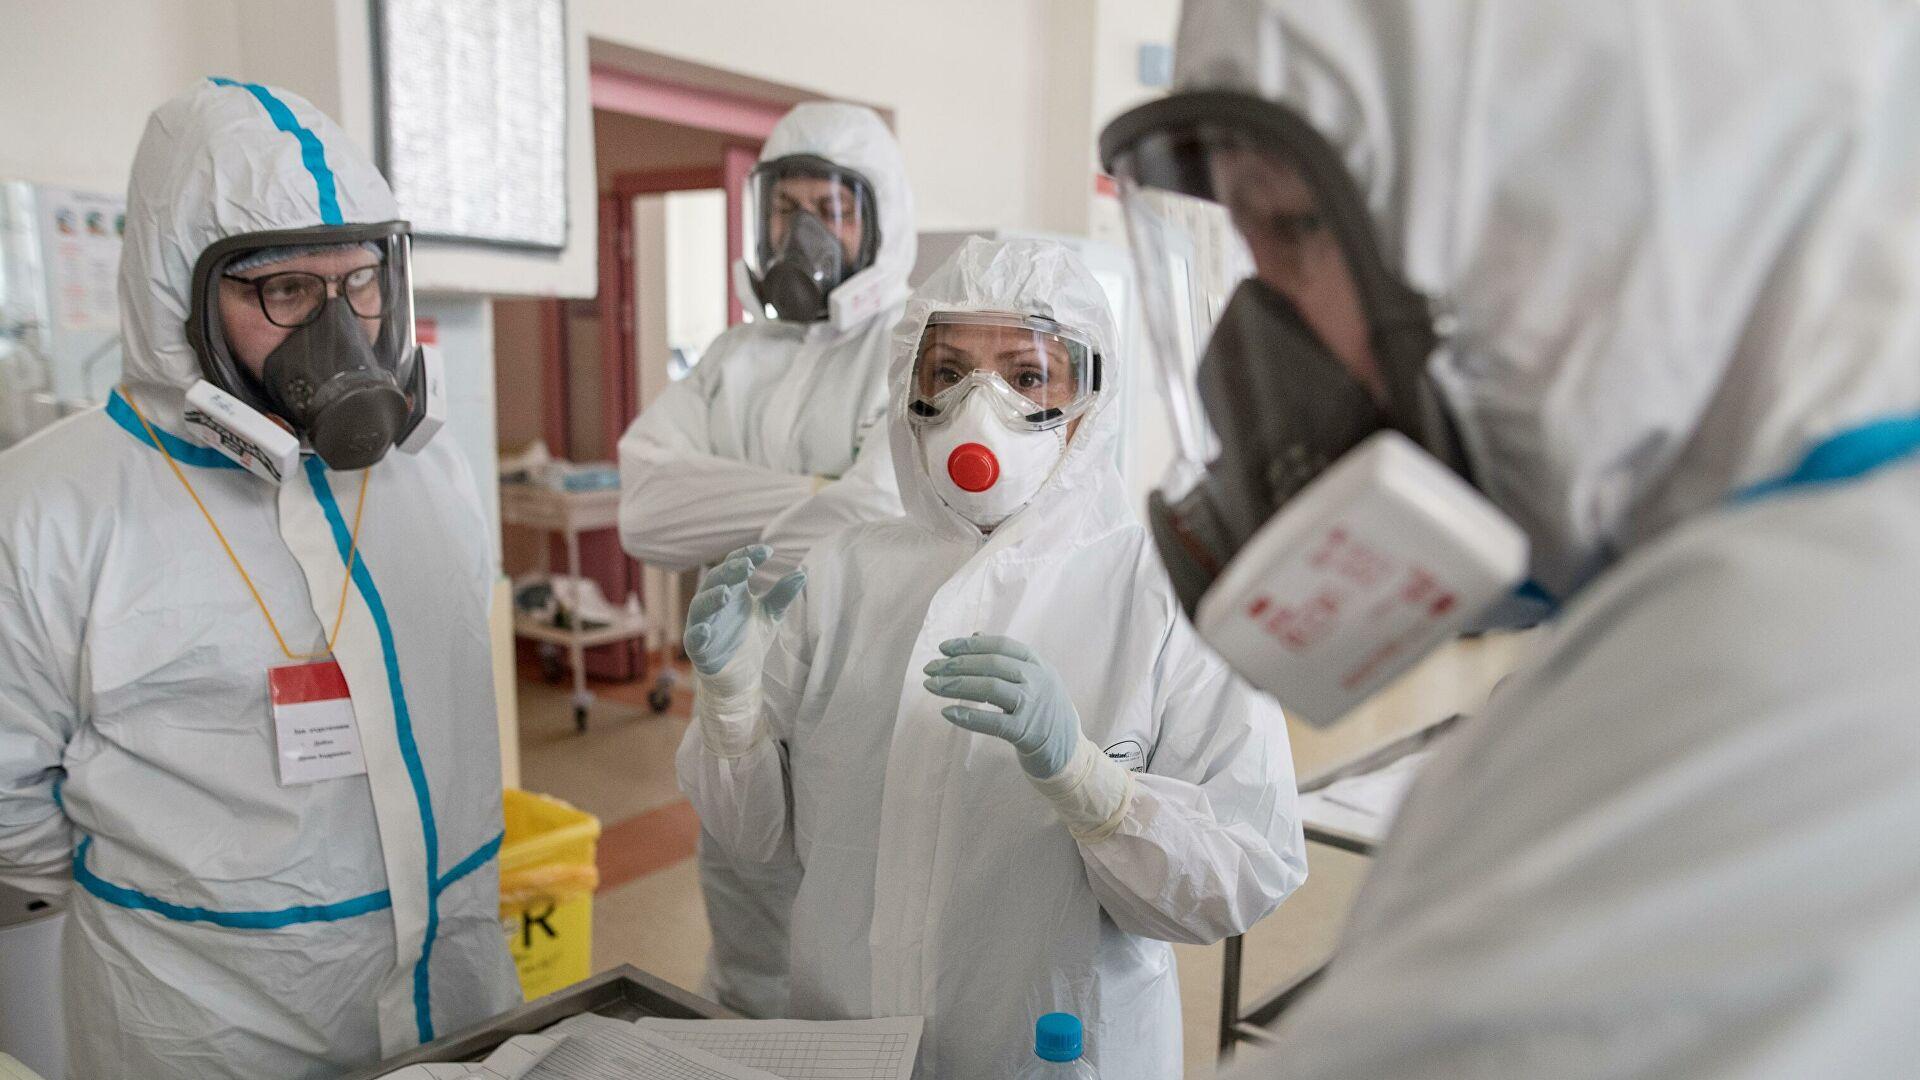 России предсказали еще три года напряженной борьбы с коронавирусом